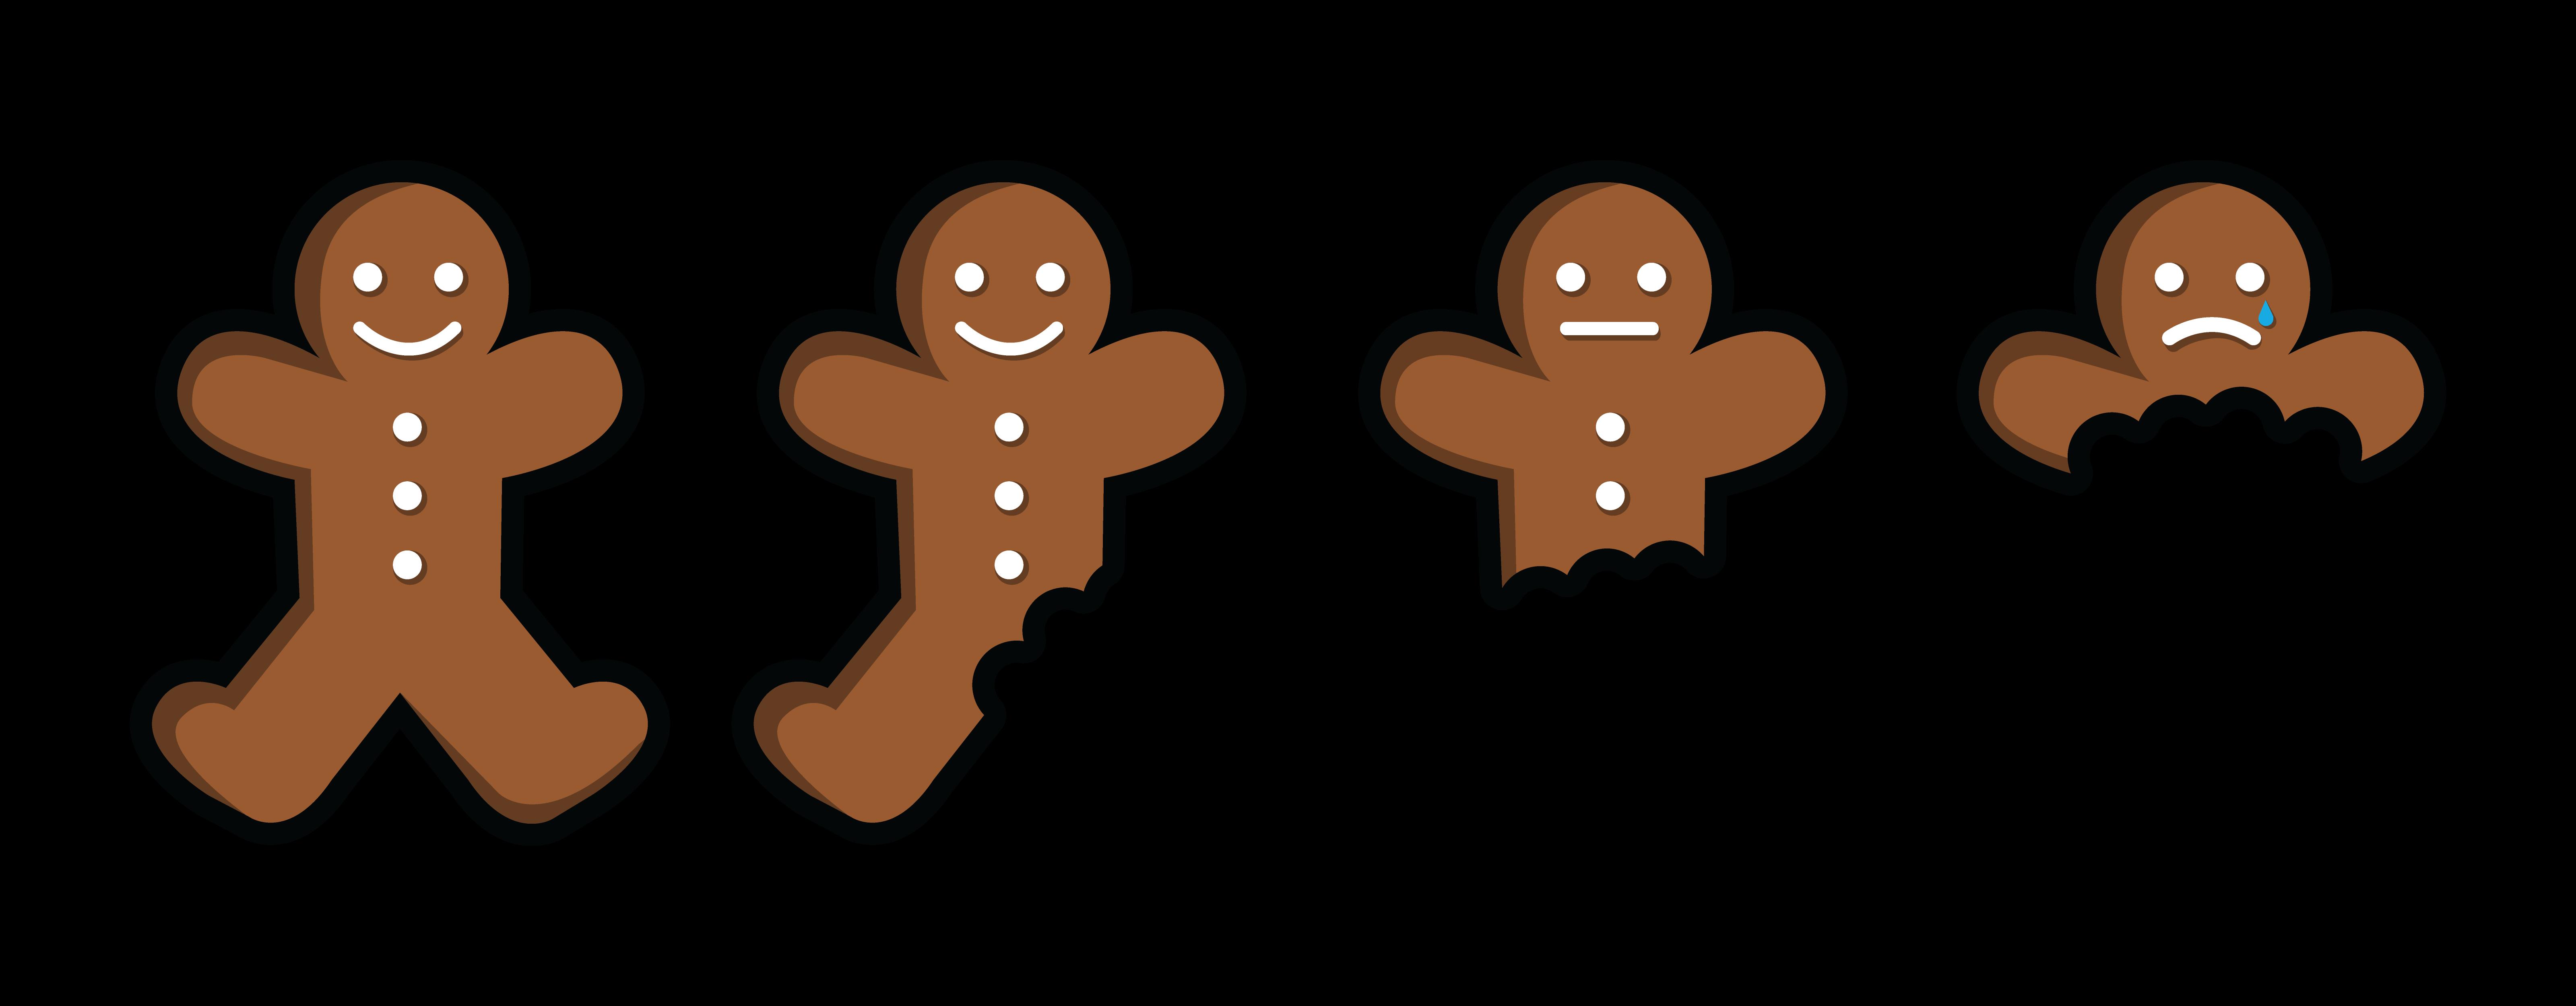 Gingerbread clipart eaten Man) (Gingerbread Eaten Eaten (Gingerbread